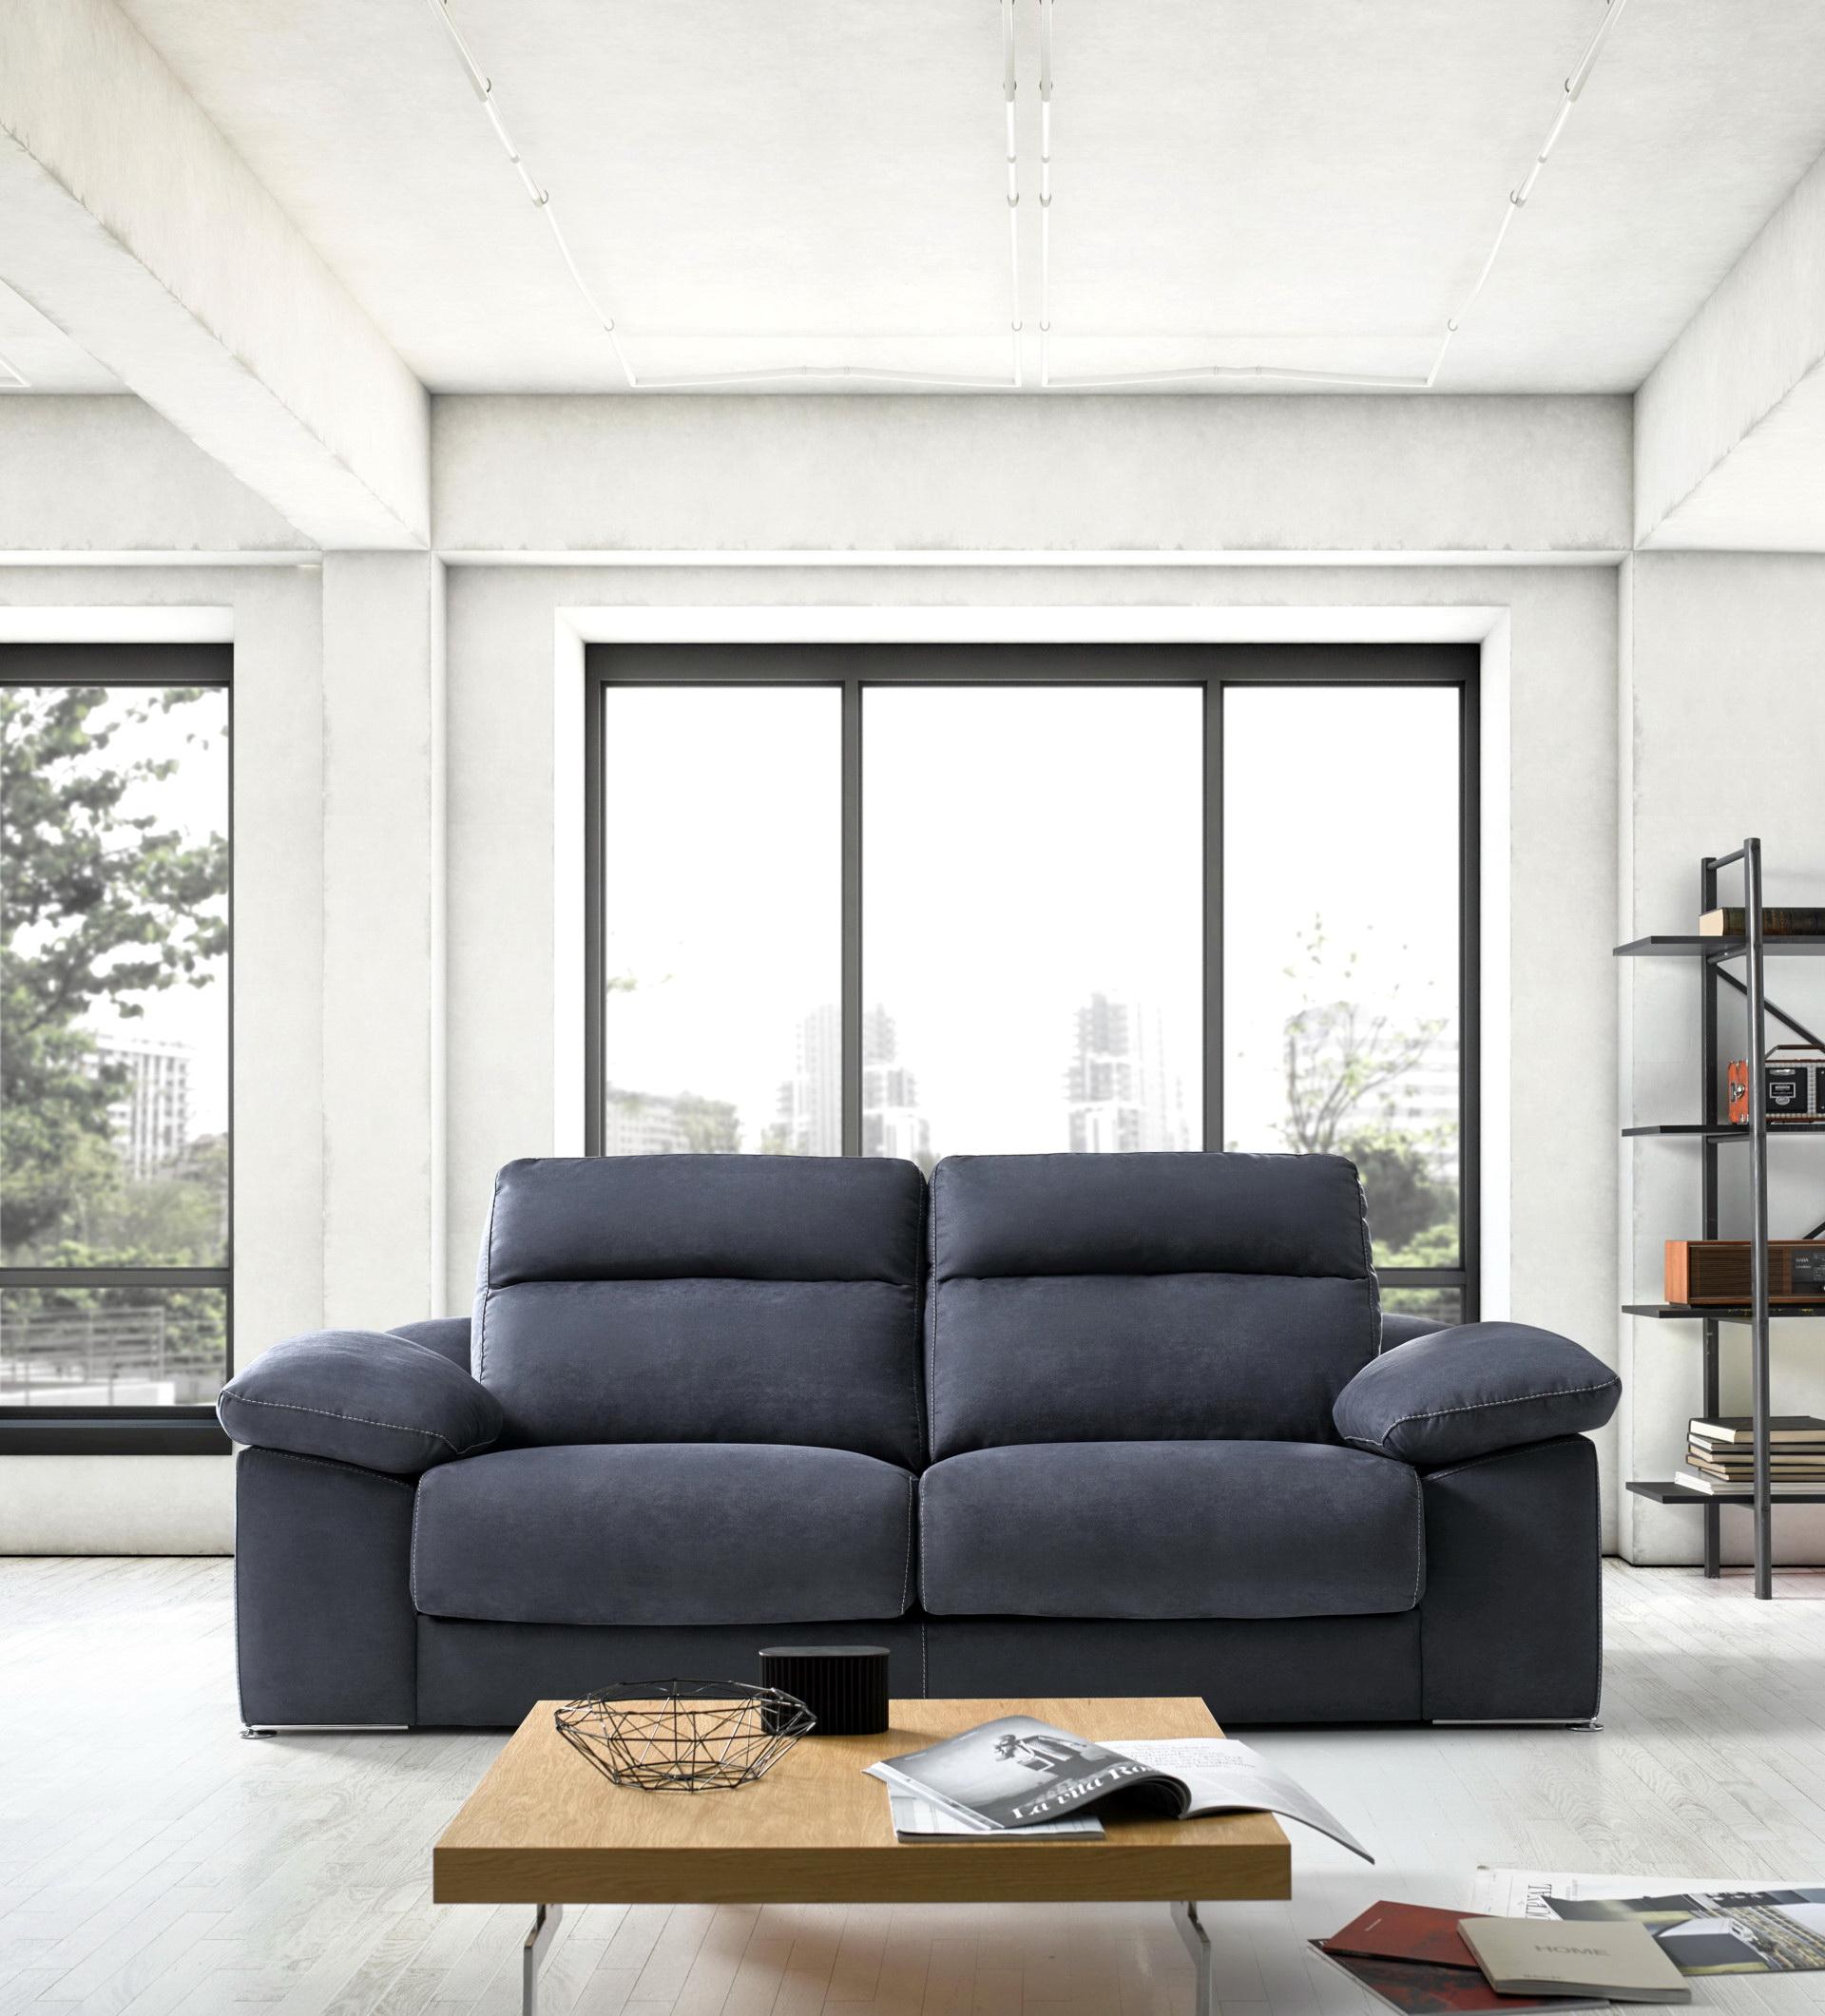 ARIEL sofá modular asientos extensibles by Pedro Ortiz 02 de venta en Muebles Antoñán León